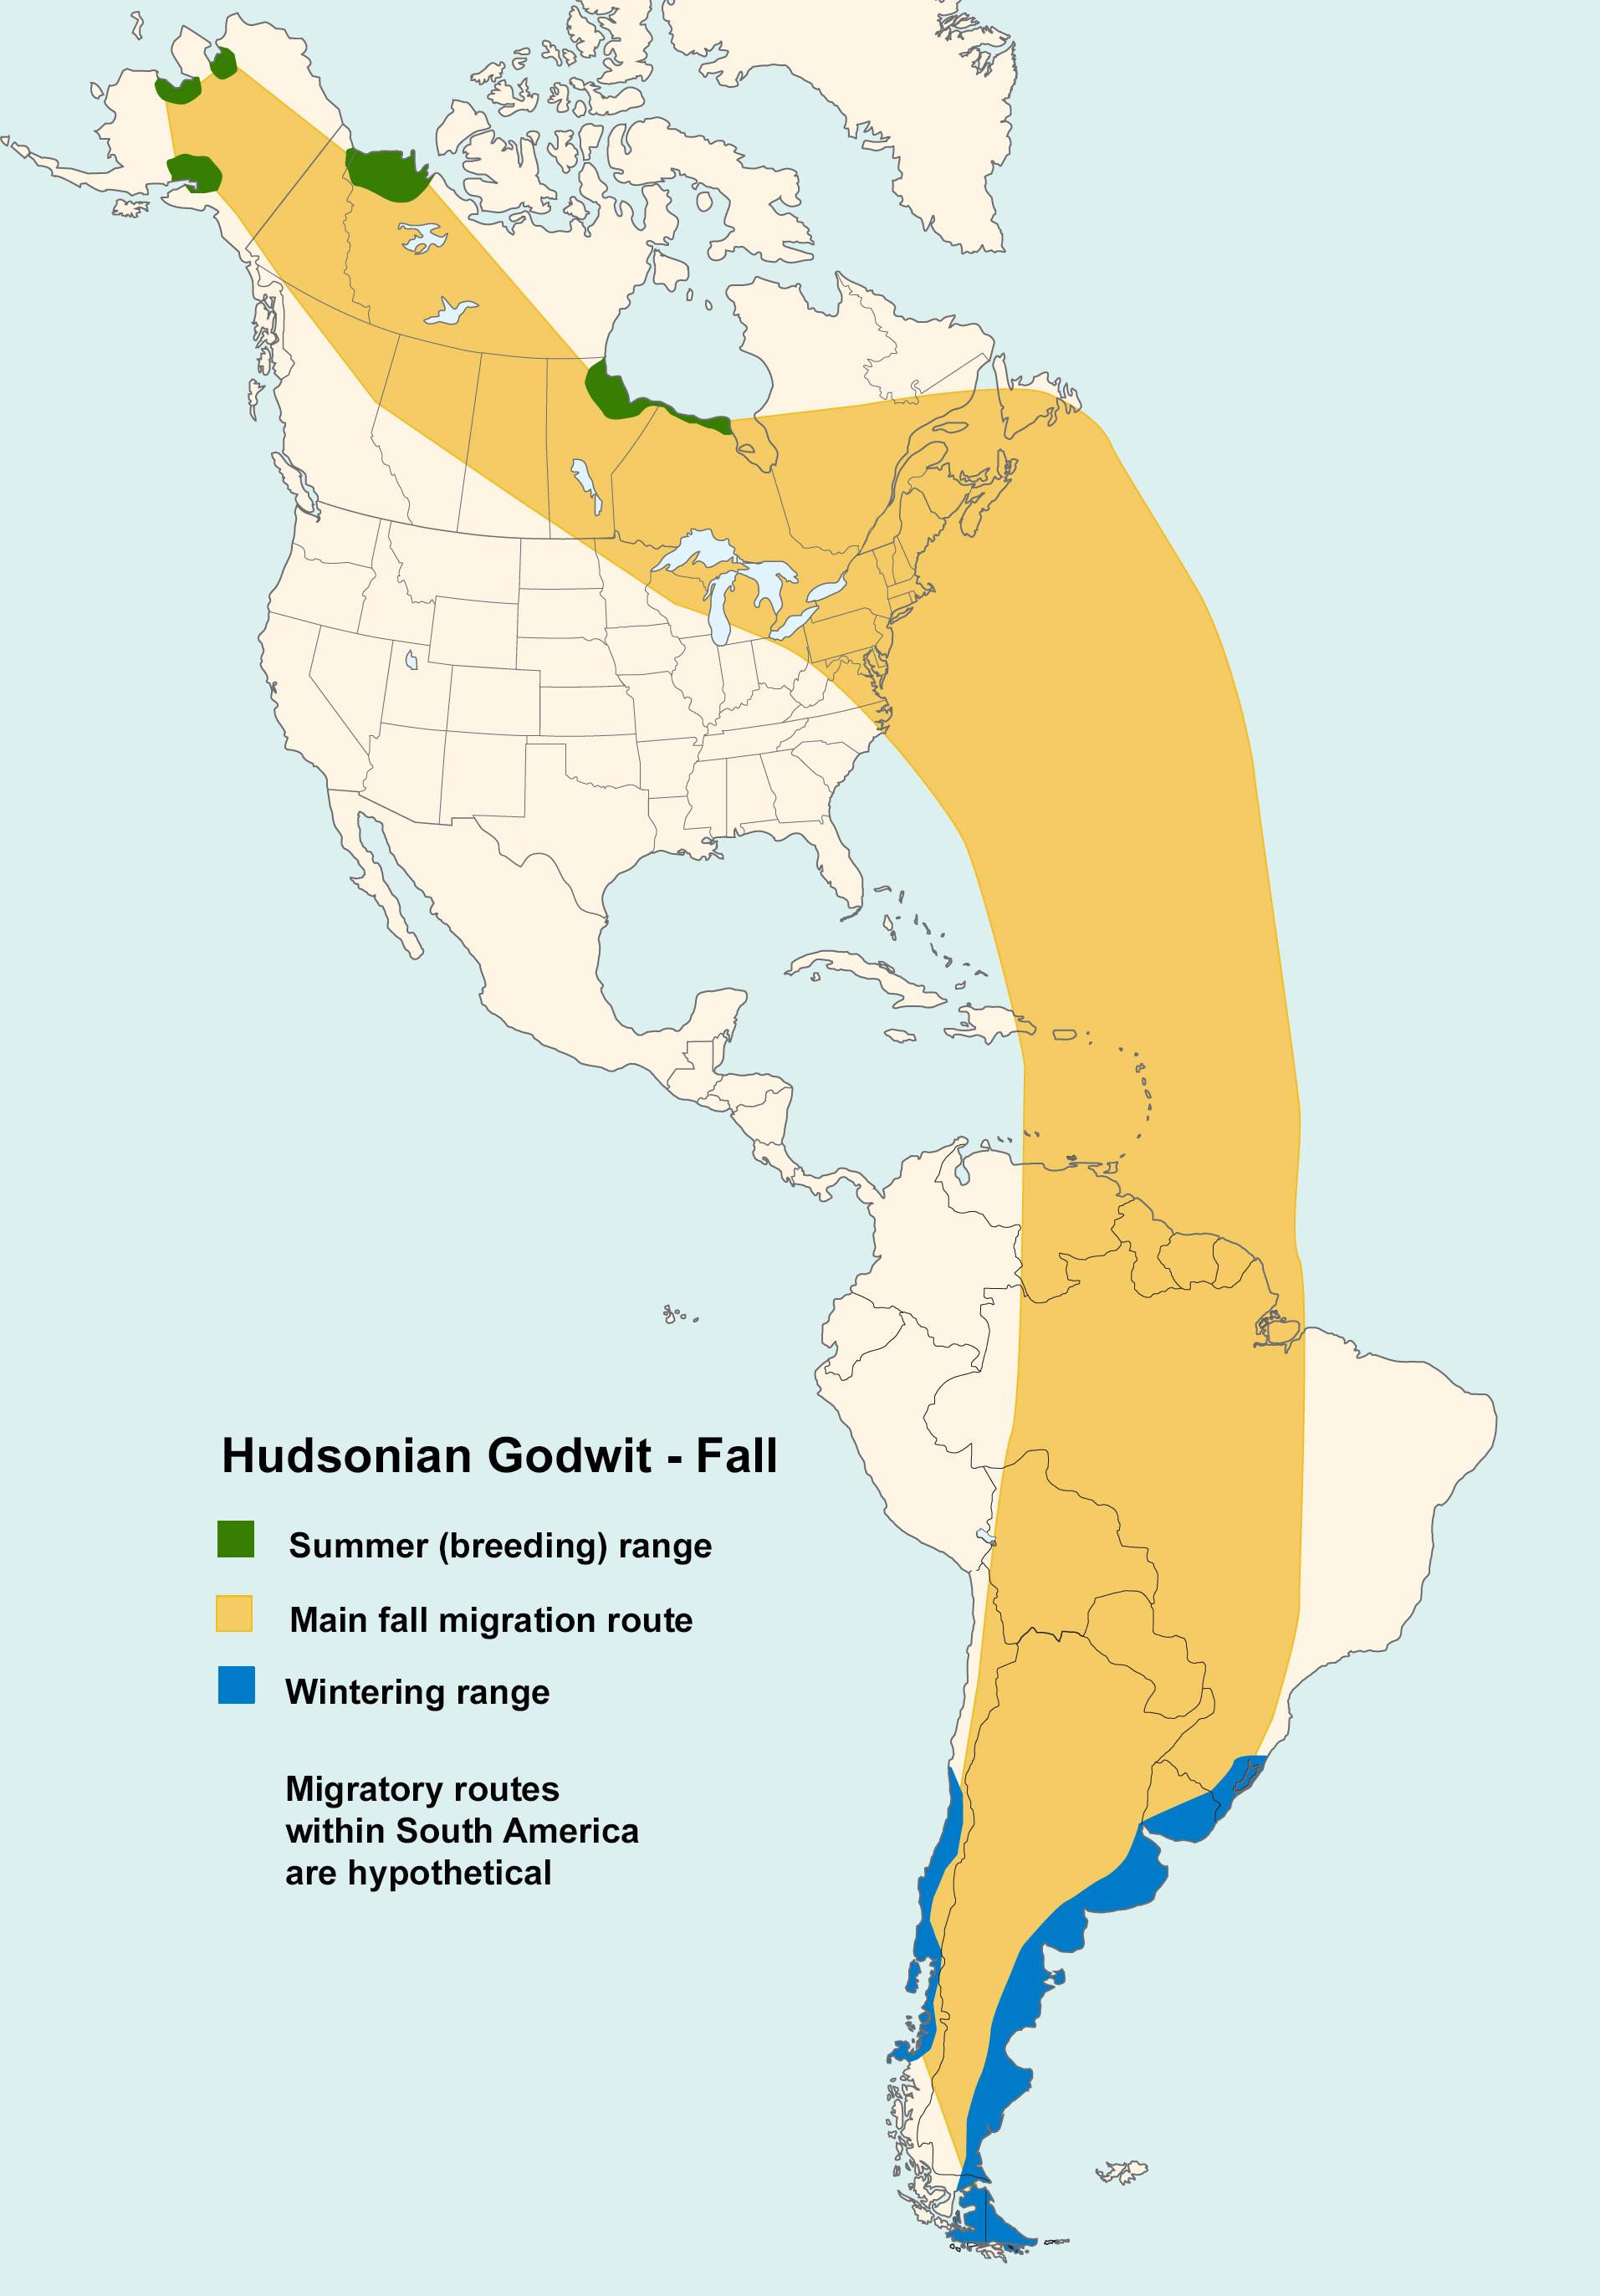 Mapa ilustrado que muestra los patrones de migración Hudsonian Godwit en otoño.